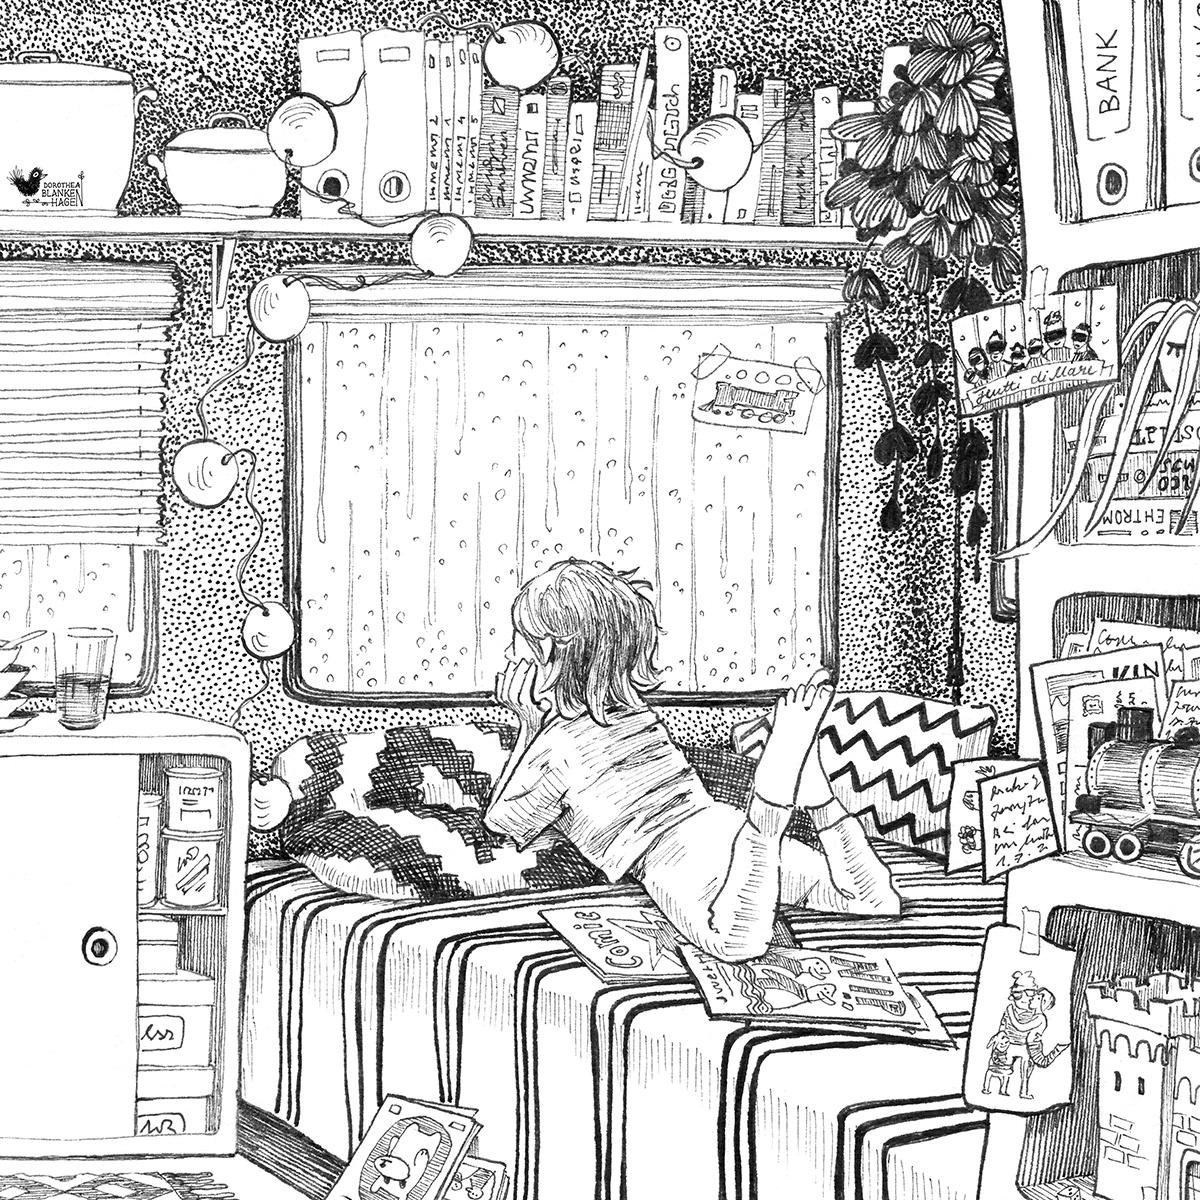 Es ist ein langweiliger Regentag und wir sitzen in unserem Van und träumen von neuen Abenteuern. Ich sitze außerhalb des Bildrandes neben meinem Mann Jürgen, der gerade an einem Kinderbuch arbeitet.